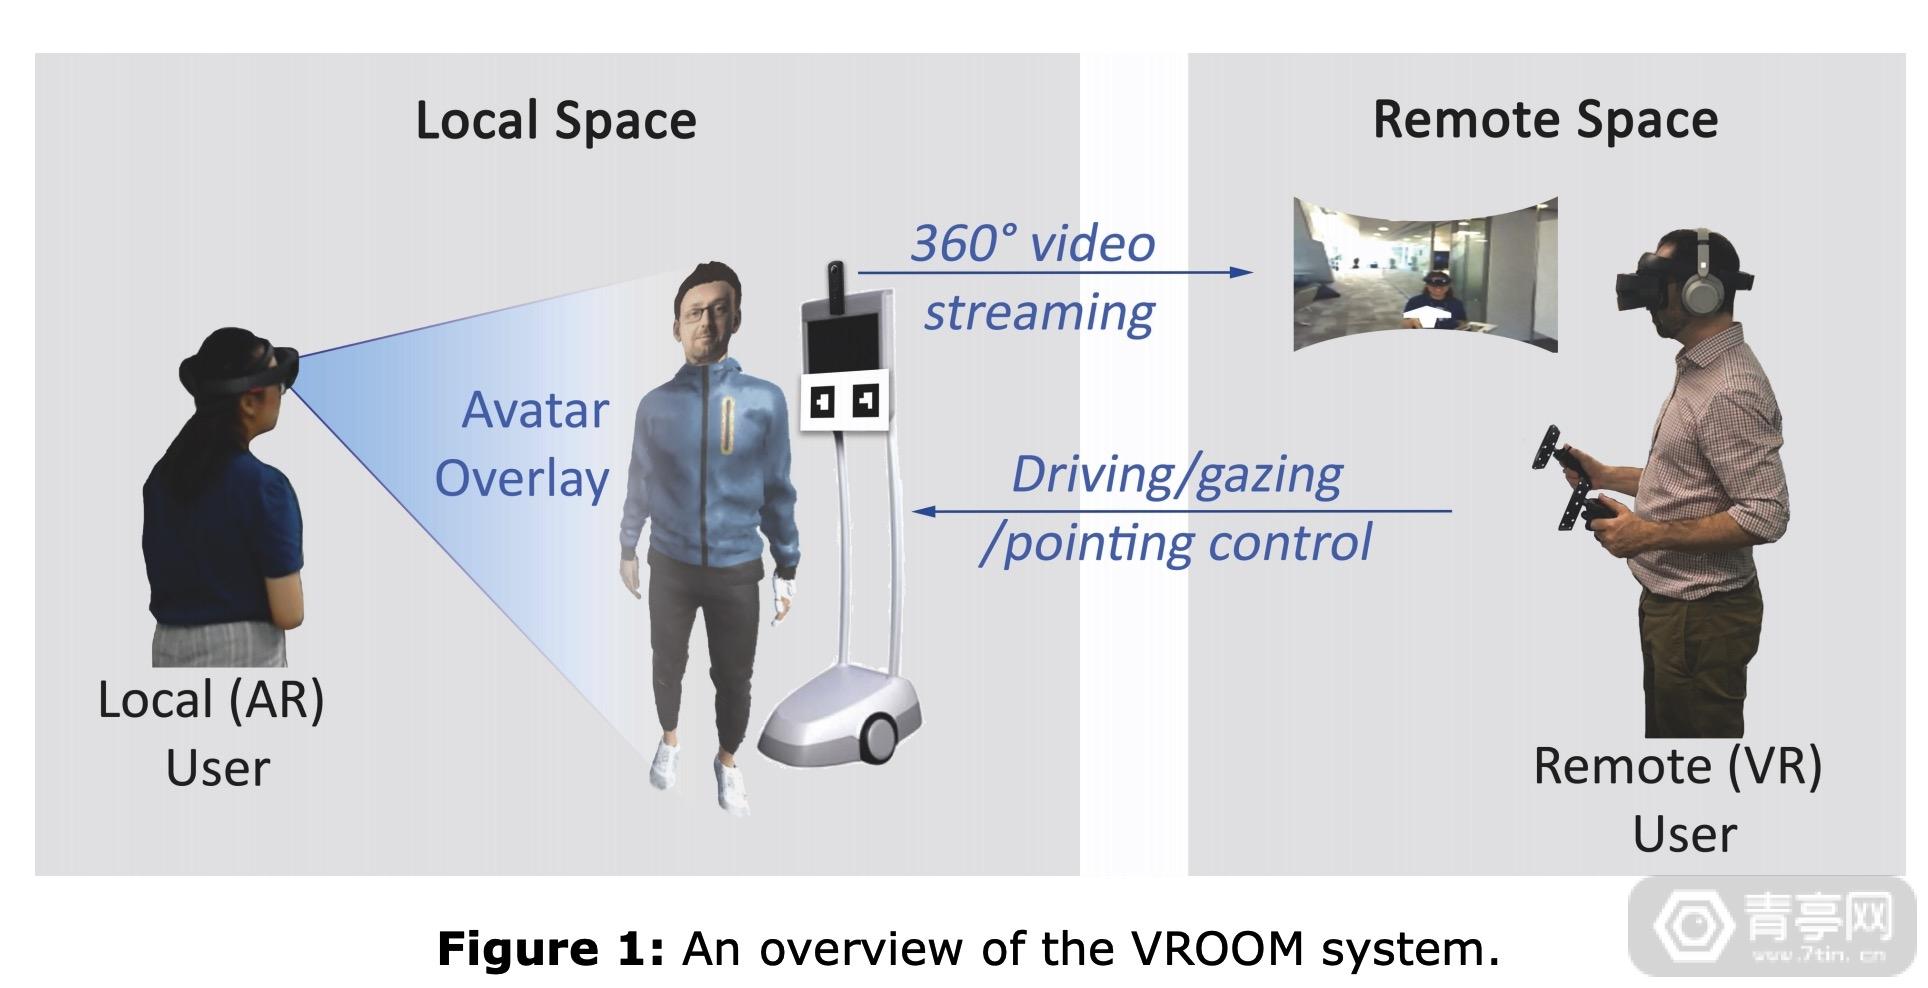 将AR图像叠加到机器人上,微软公布AR/VR协同办公新研究《VROOM》